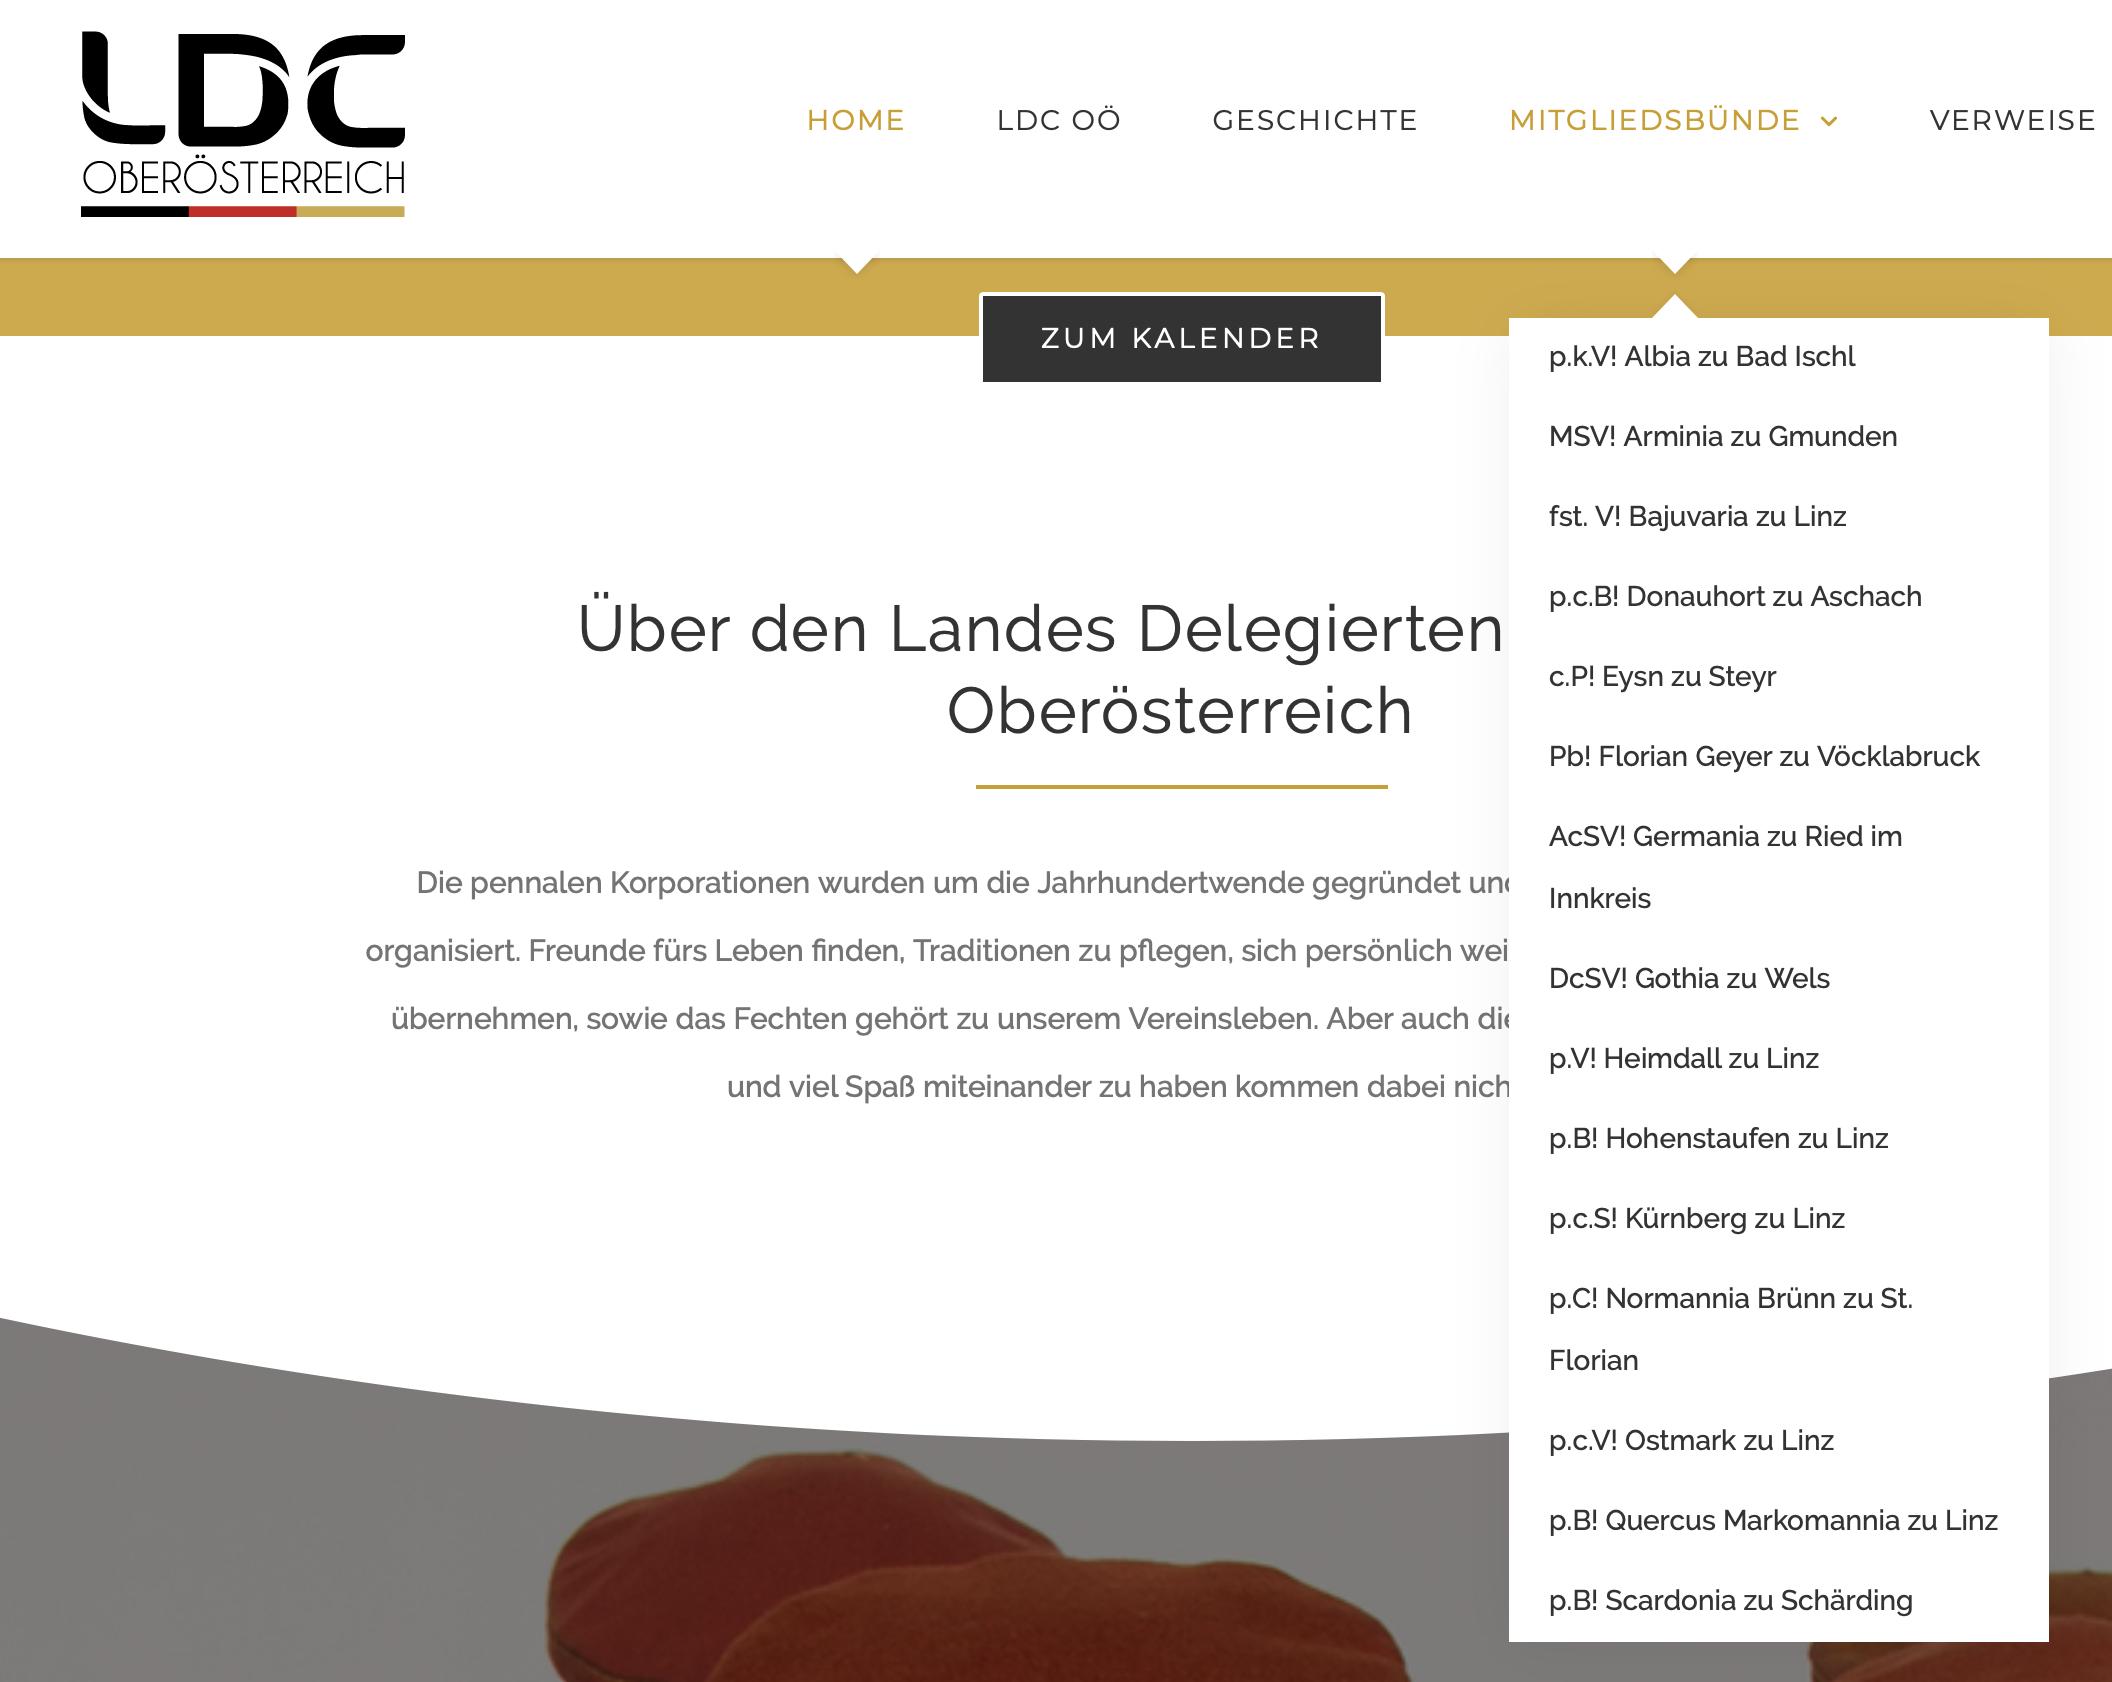 """Mitglieder des LDC Oberösterreich: von der """"Albia zu Bad Ischl"""" bis zur """"Scardonia zu Schärding"""""""